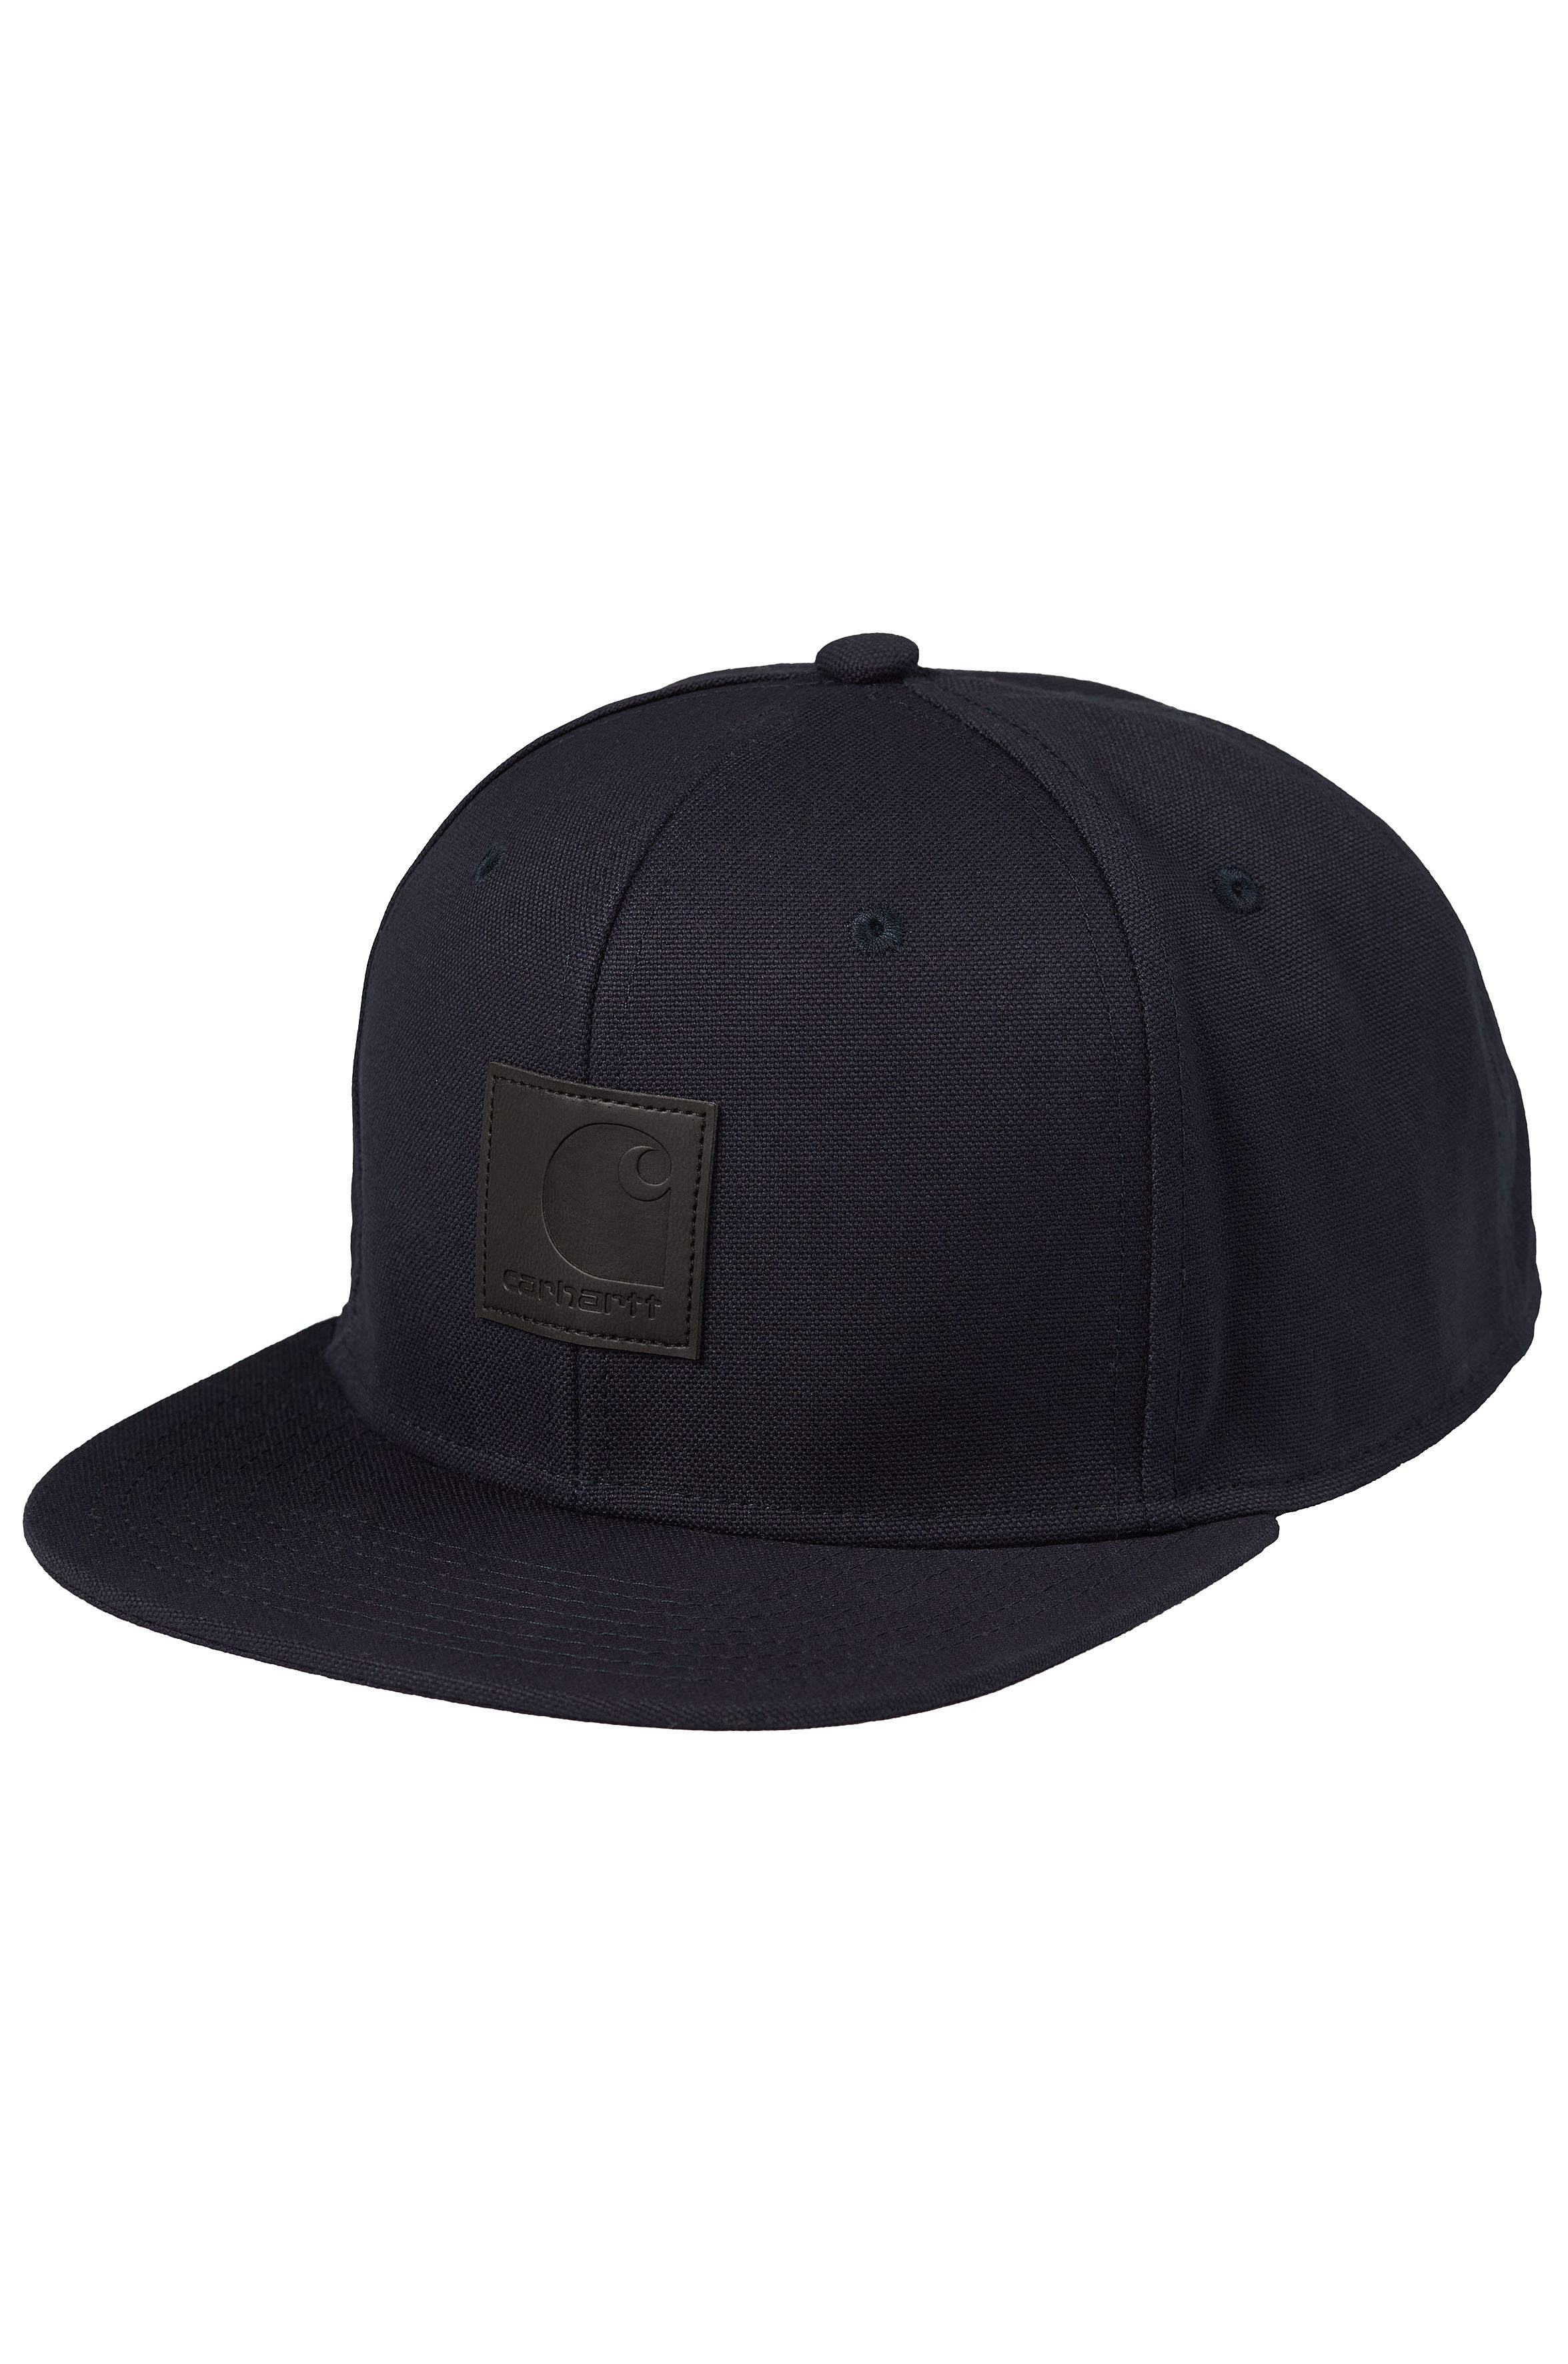 Carhartt WIP Cap   LOGO Black